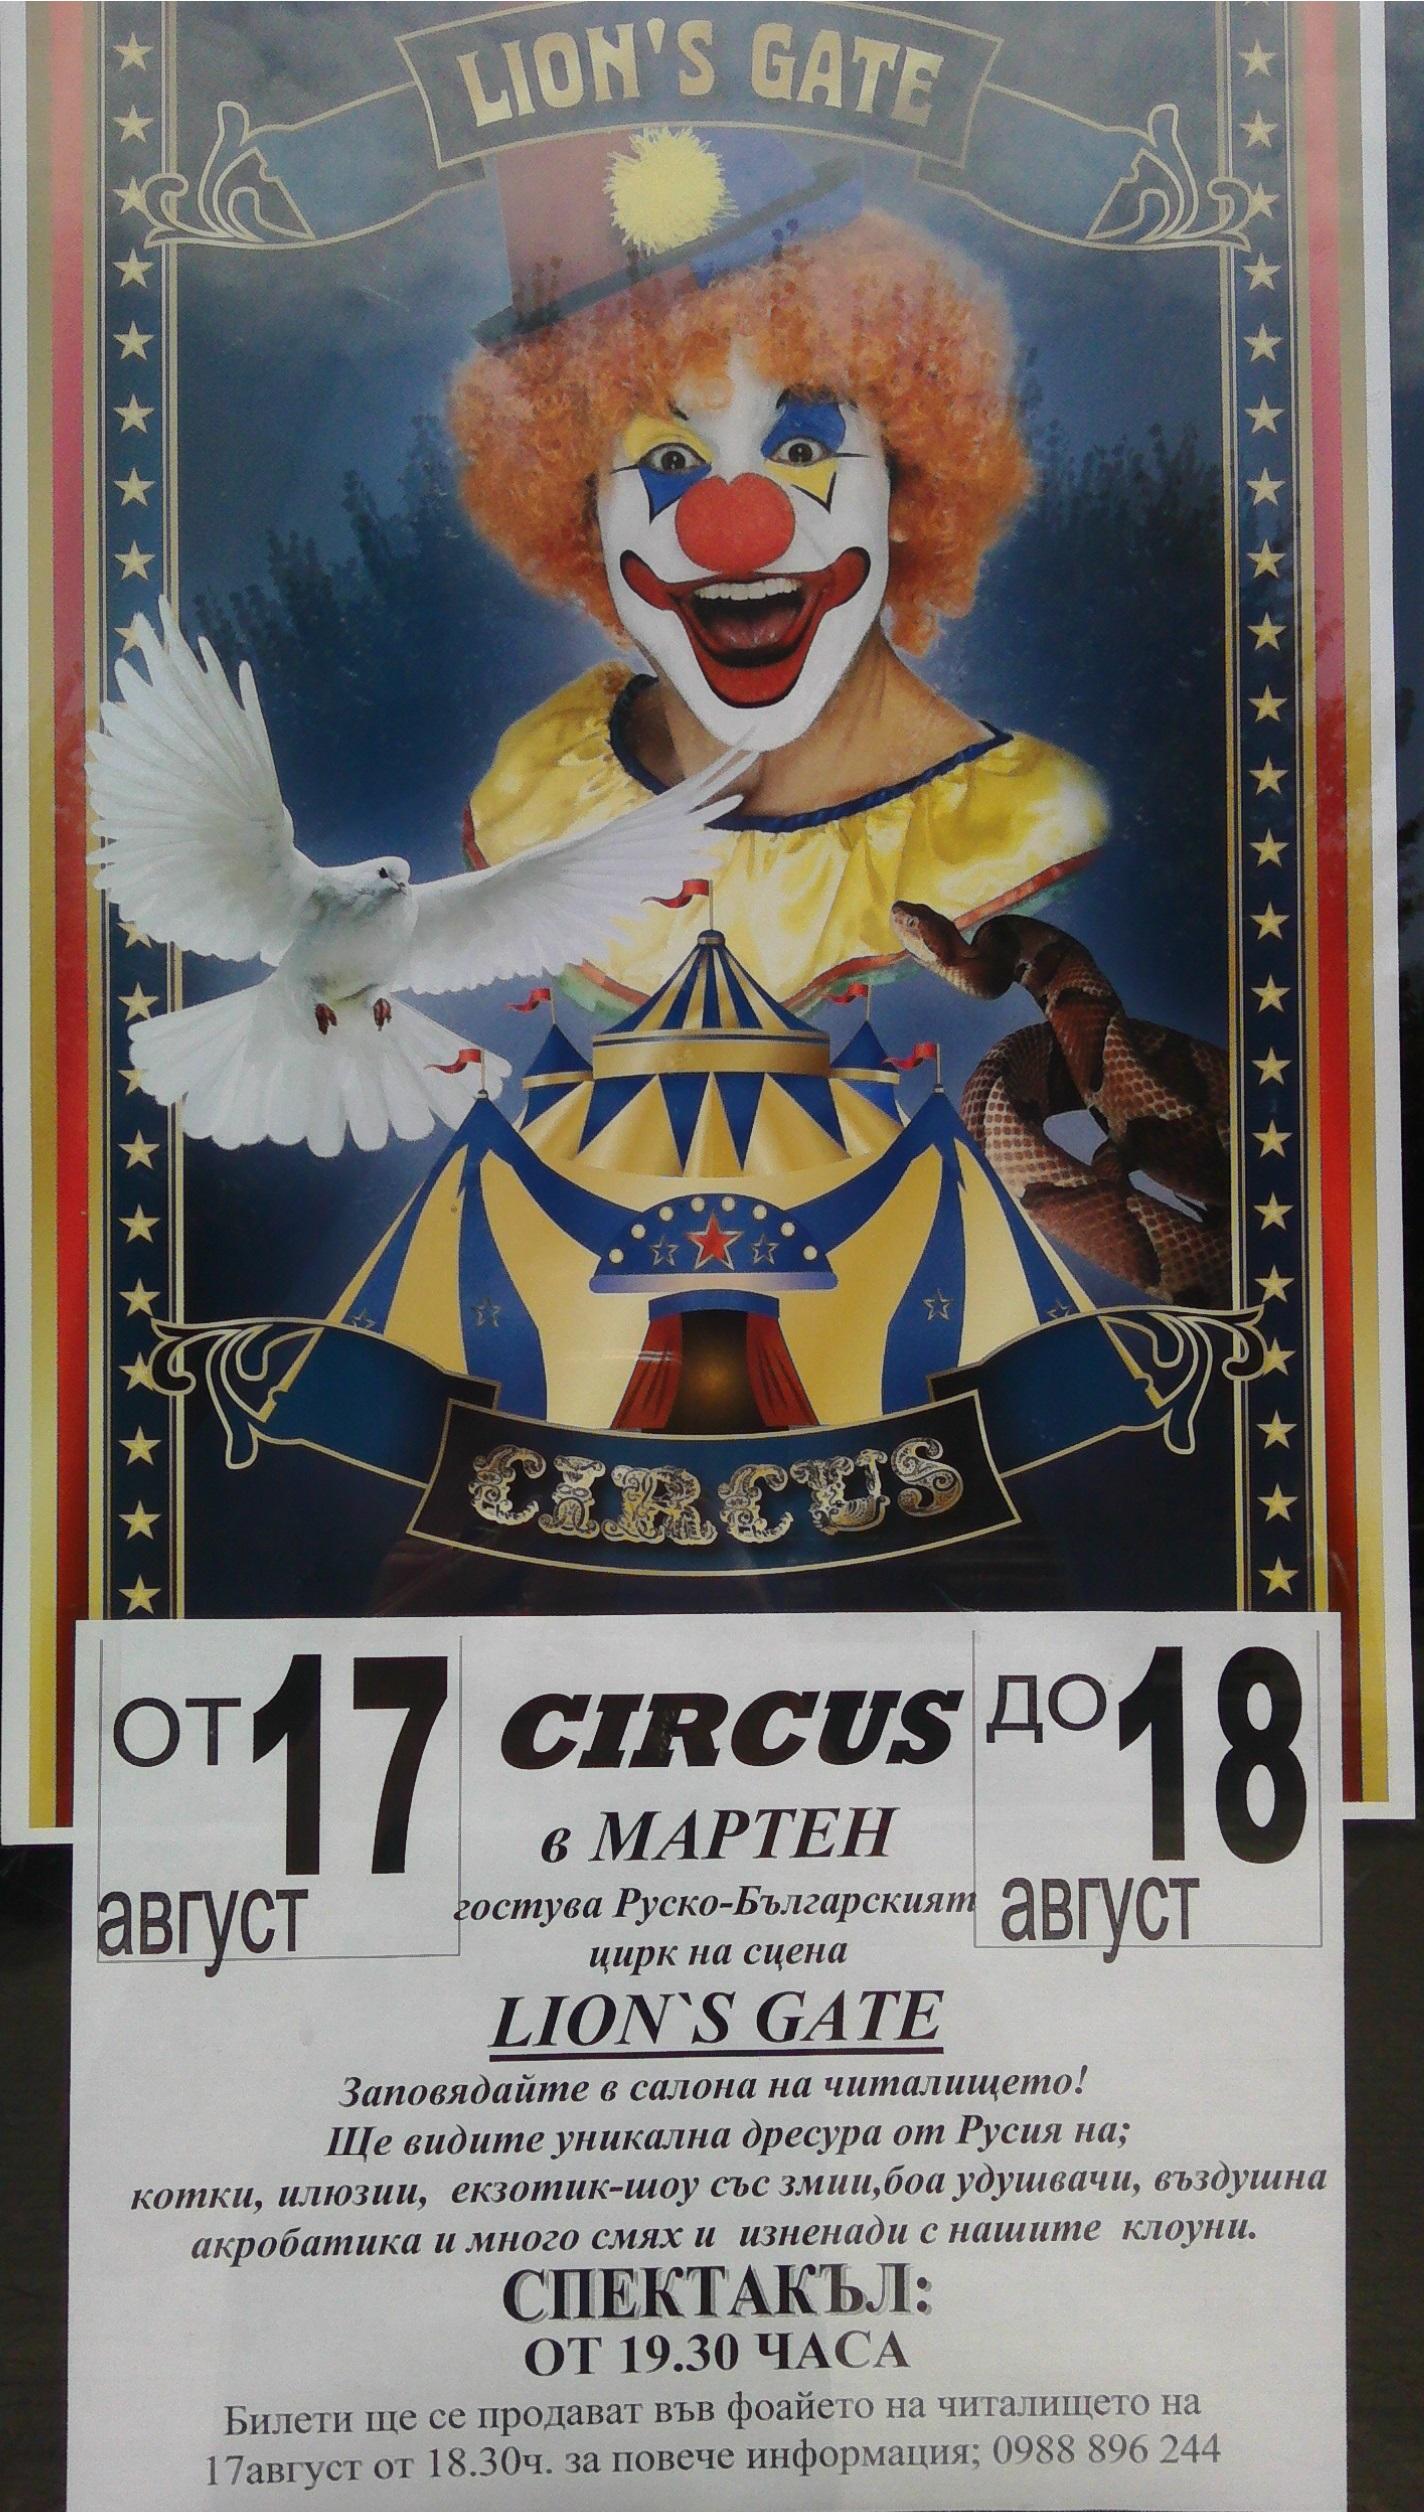 Цирк Lion`s Gate в Мартен